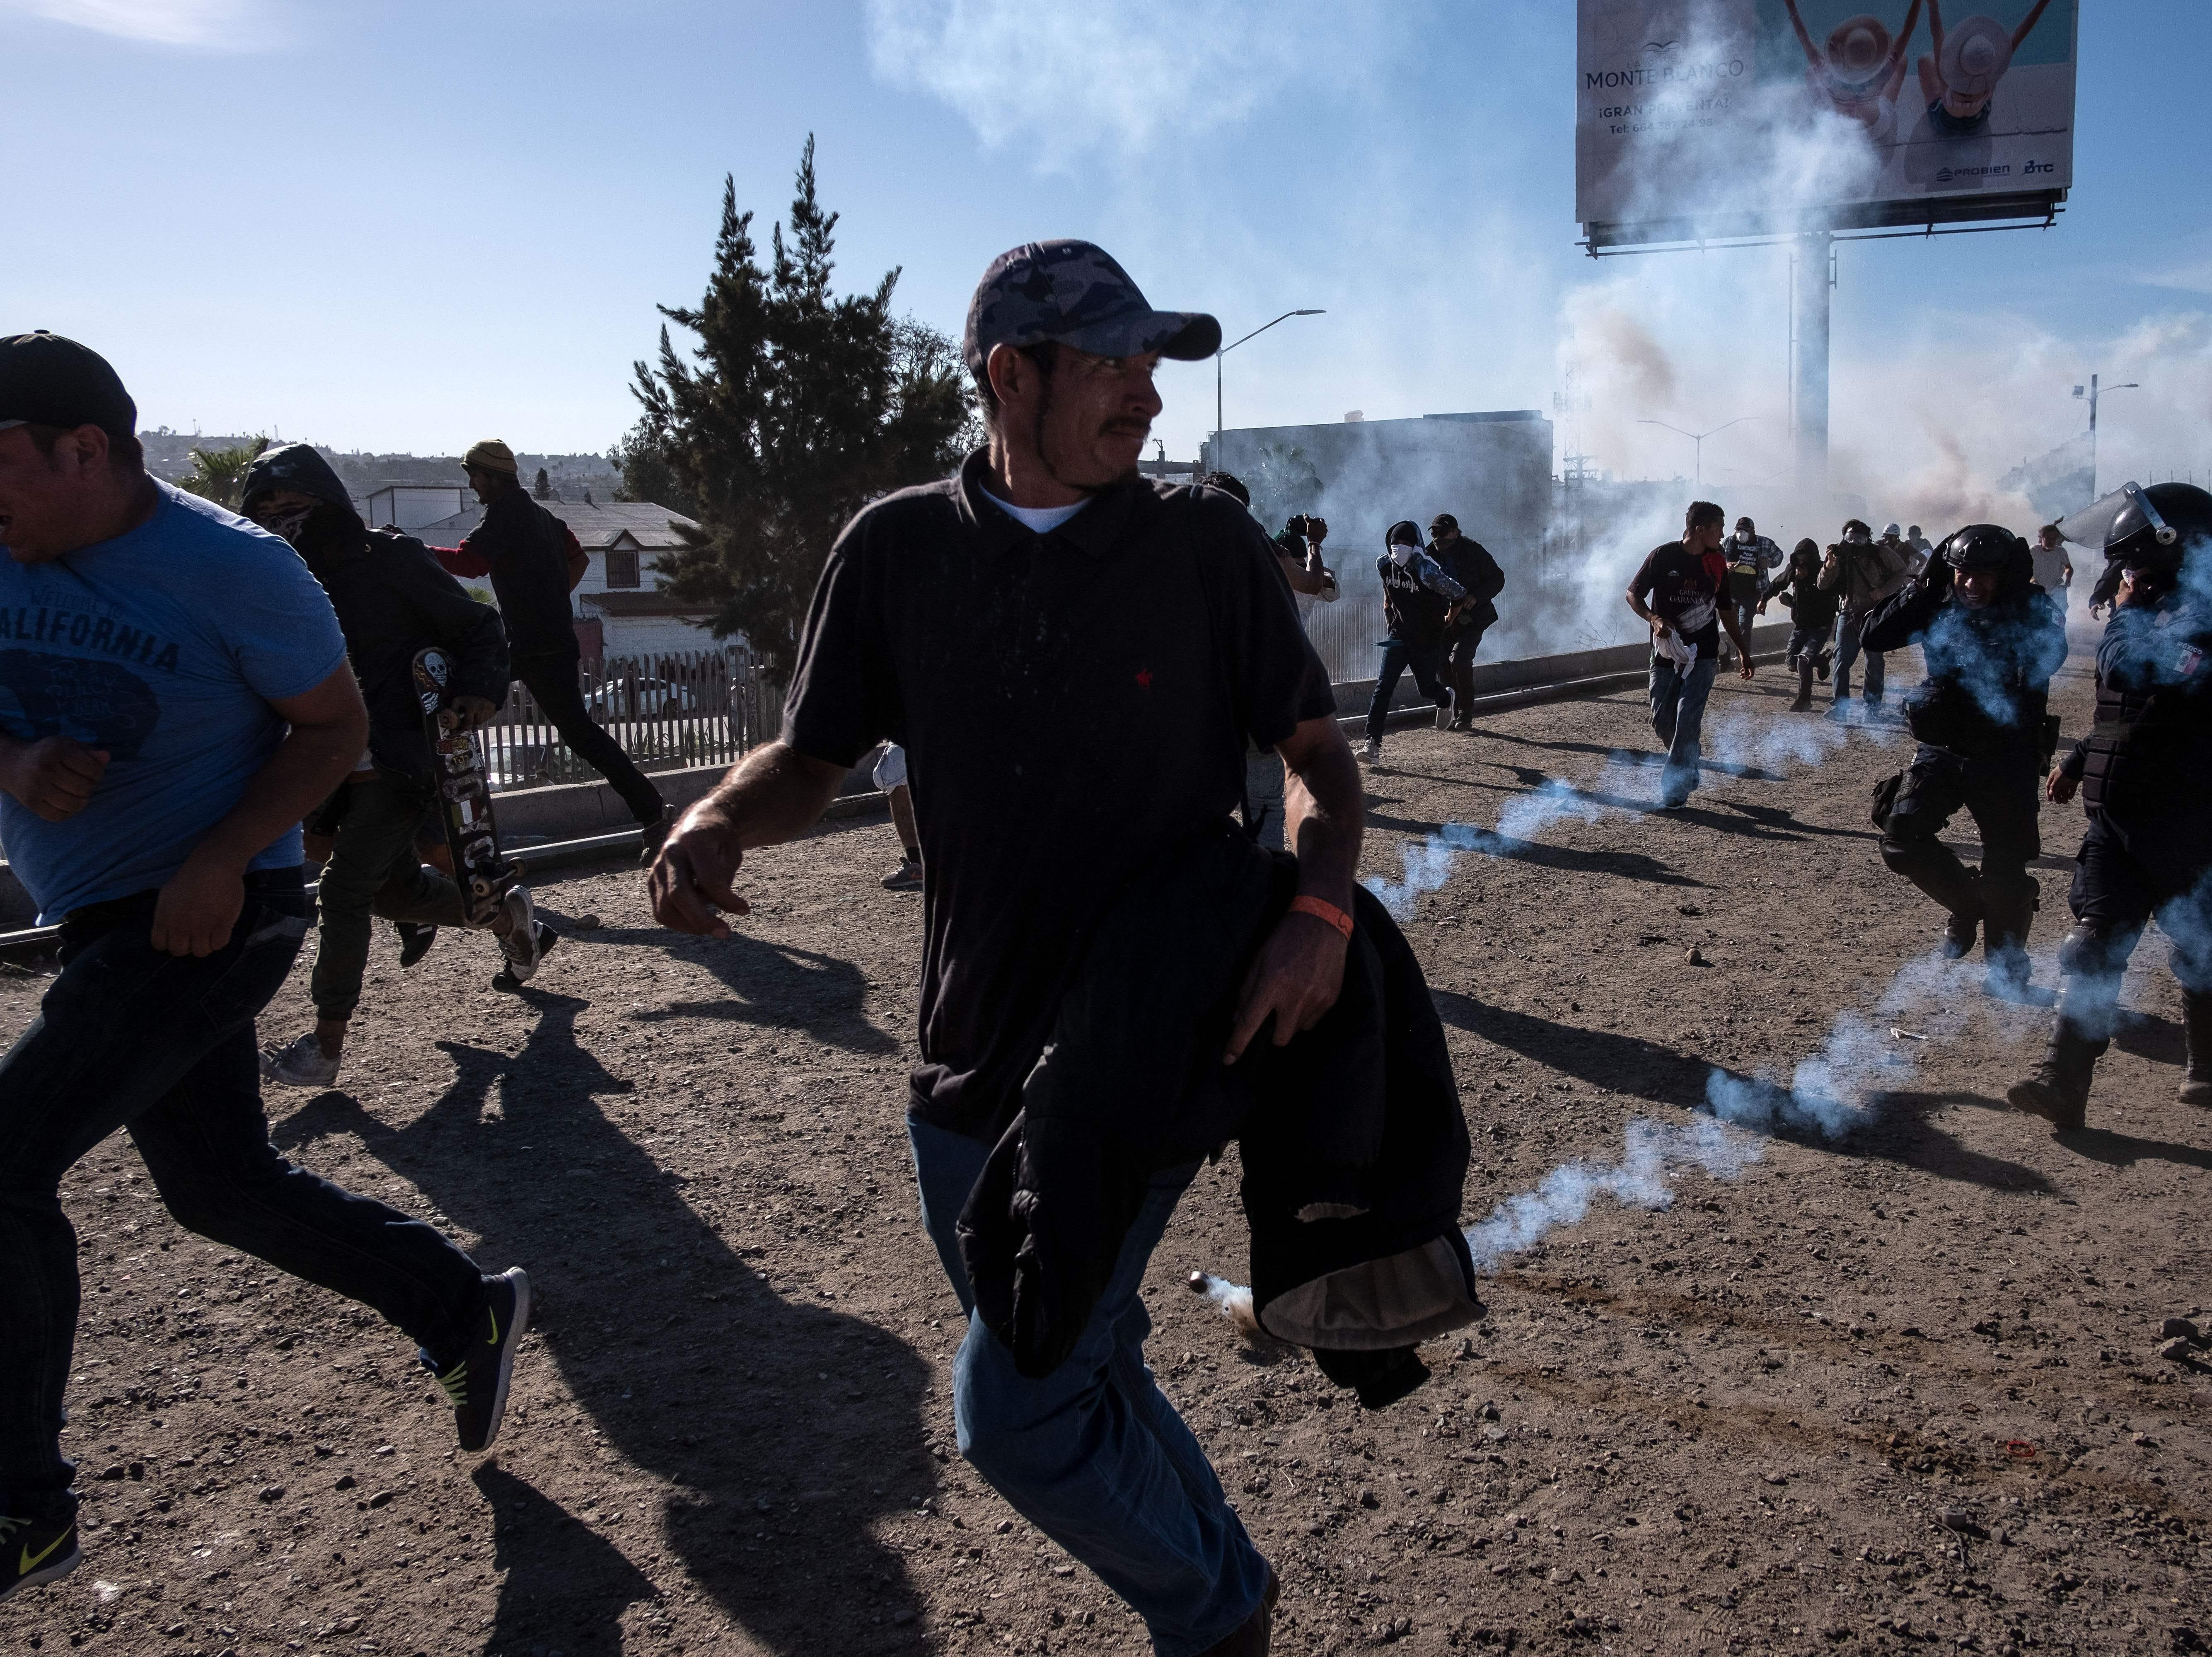 Los migrantes centroamericanos, en su mayoría hondureños, corren a lo largo del río Tijuana cerca del cruce fronterizo de El Chaparral en Tijuana, estado de Baja California, México, cerca de la frontera entre EE. UU. y México, después de que la patrulla fronteriza de EE. UU. arrojara gas lacrimógeno desde la distancia para dispersarlos después de un supuesta disputa verbal, el 25 de noviembre de 2018.